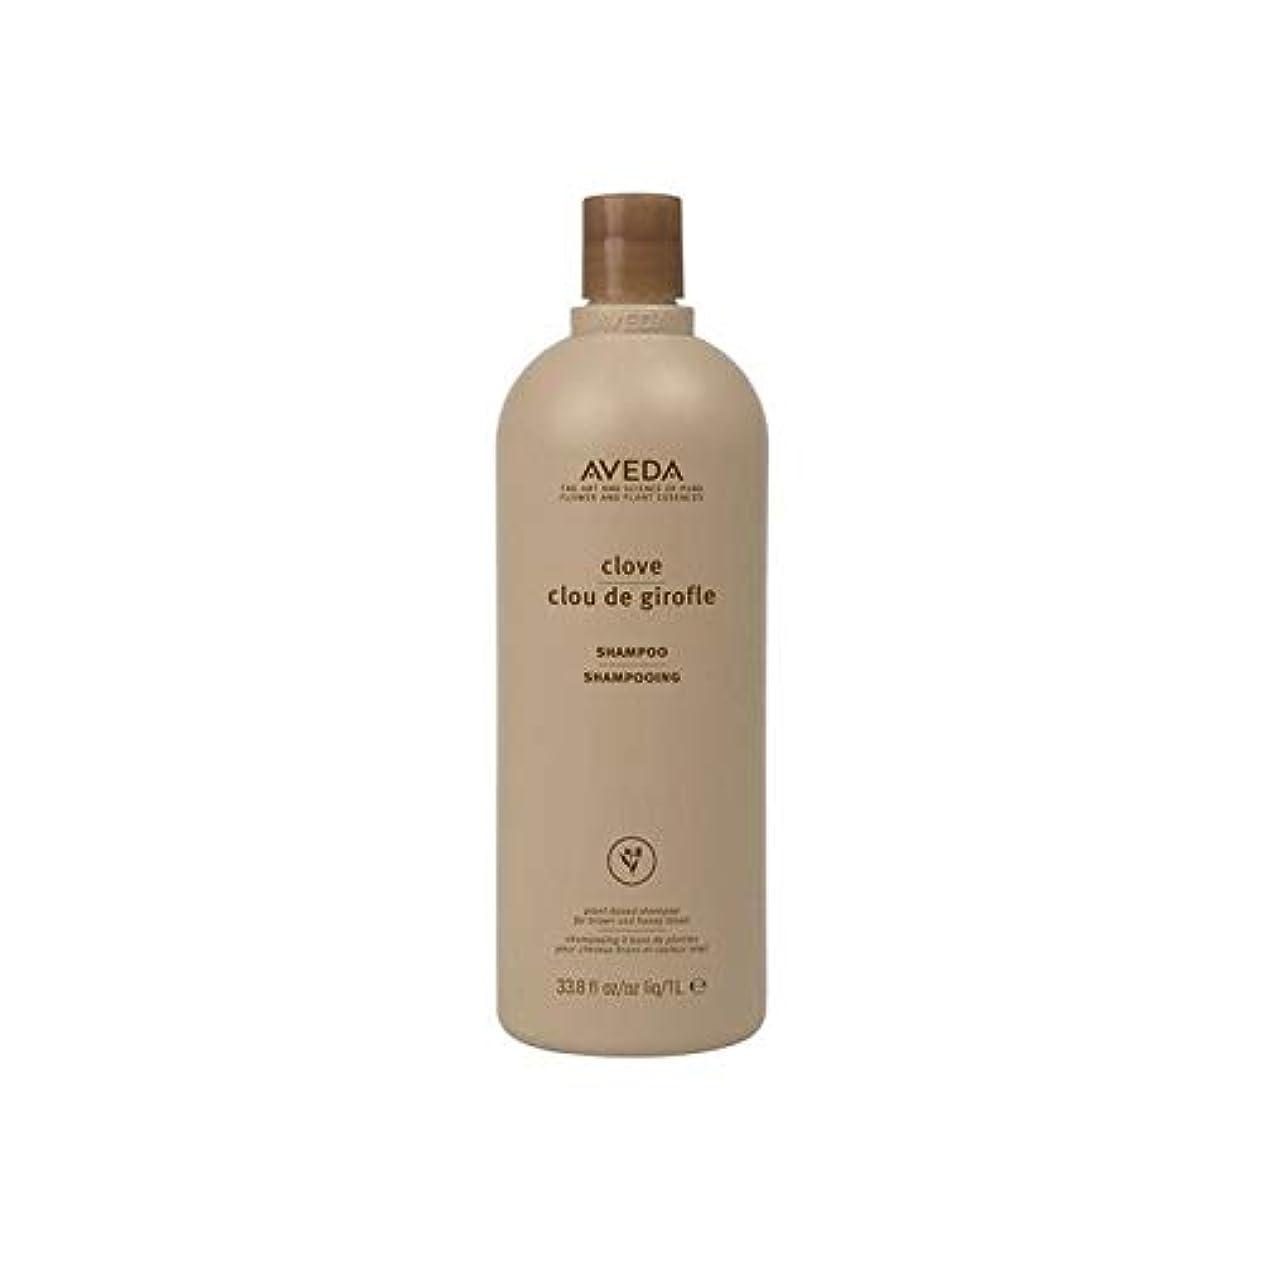 バルク四回身元[AVEDA ] アヴェダ純粋な植物クローブシャンプー(千ミリリットル) - Aveda Pure Plant Clove Shampoo (1000ml) [並行輸入品]